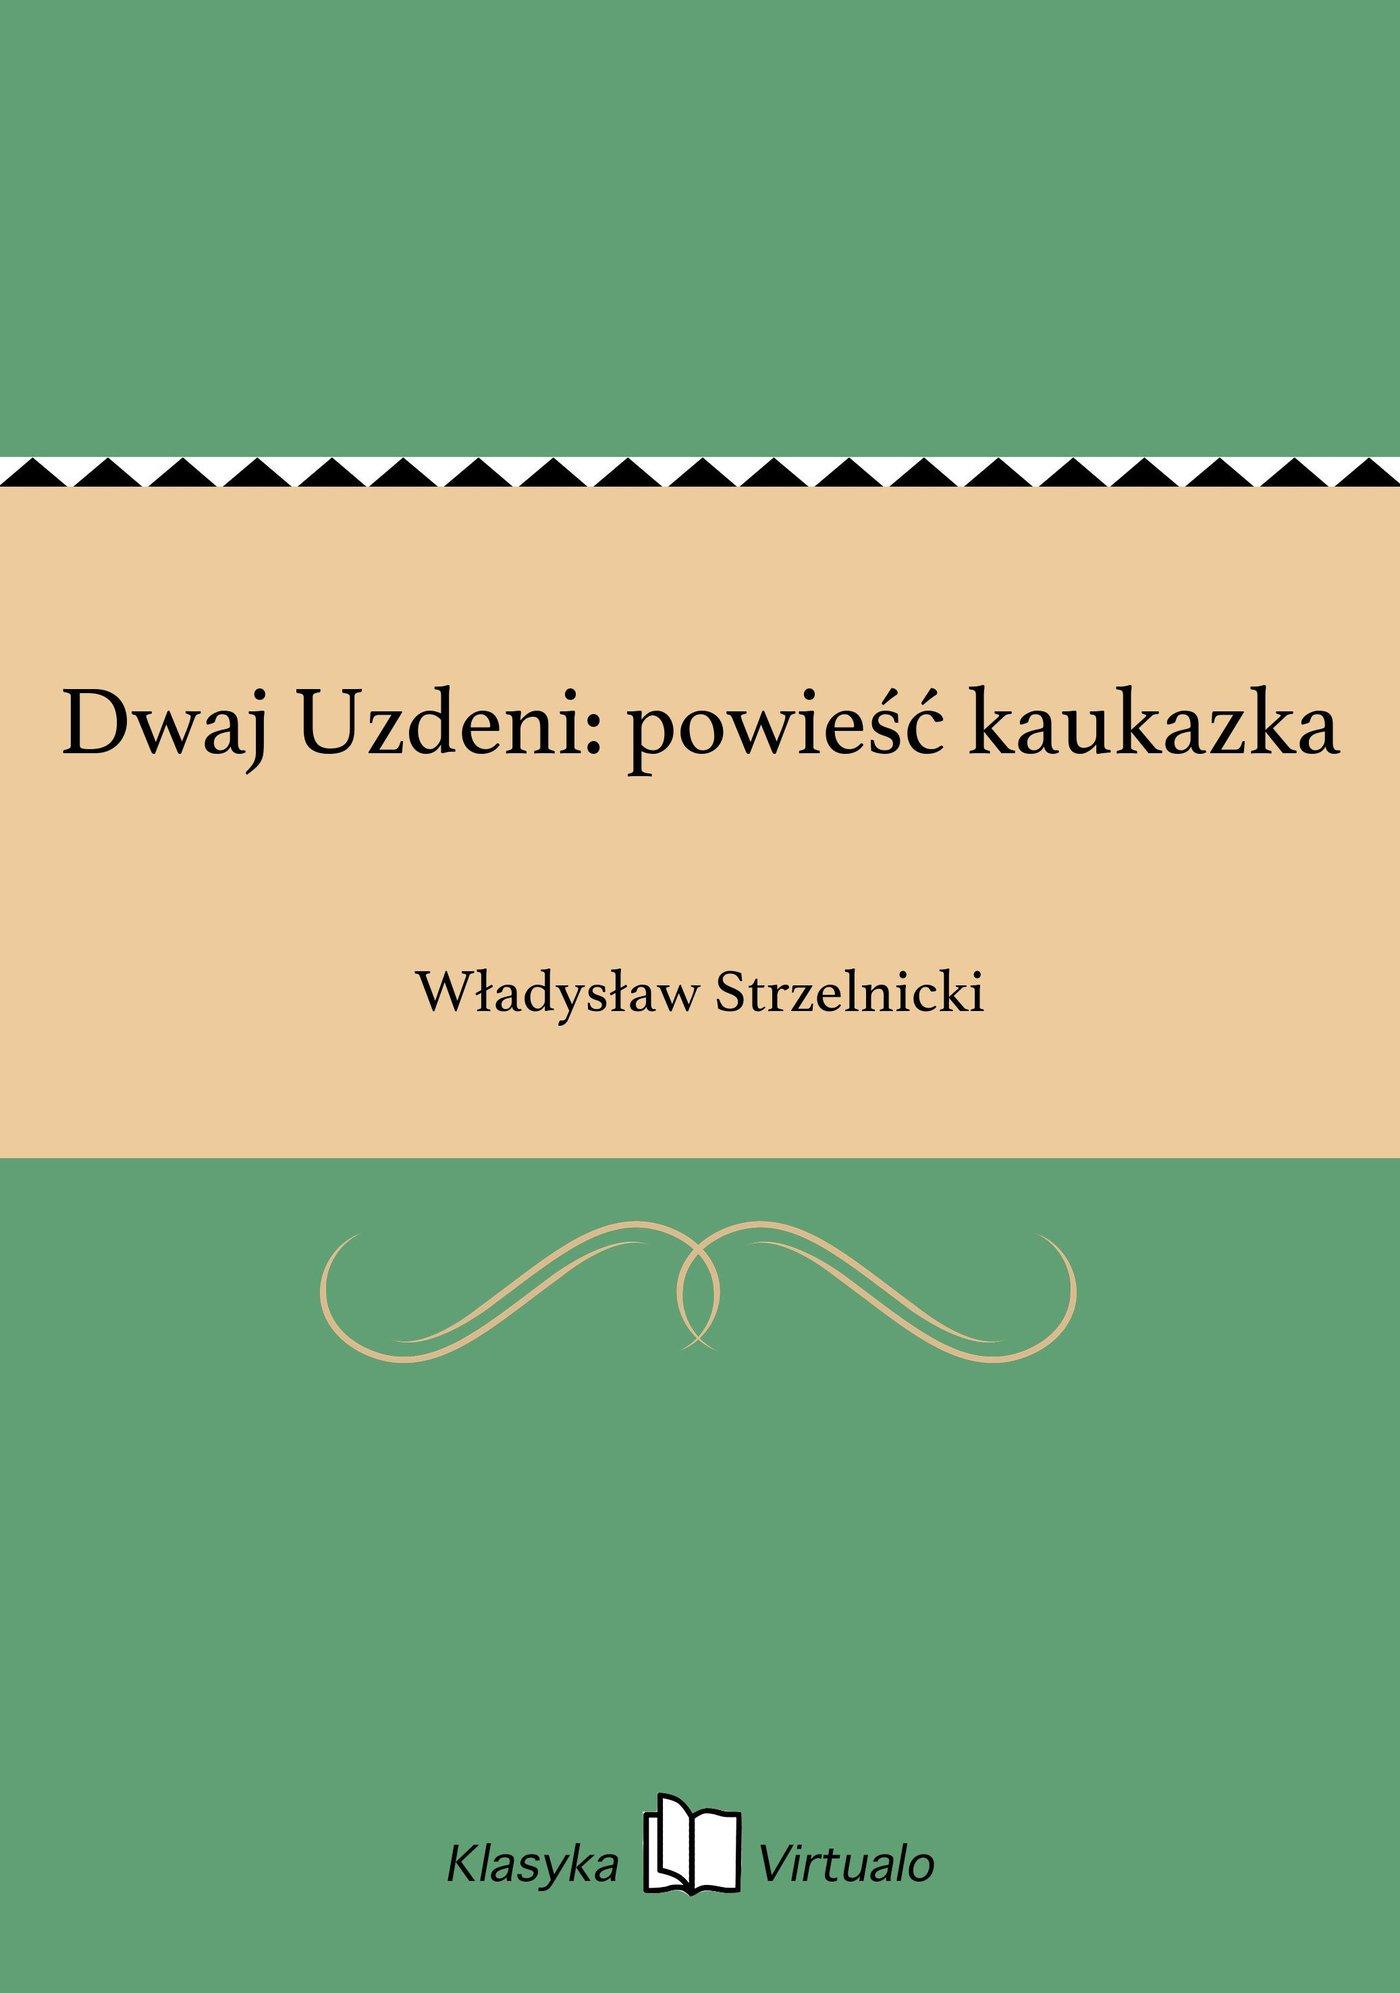 Dwaj Uzdeni: powieść kaukazka - Ebook (Książka EPUB) do pobrania w formacie EPUB